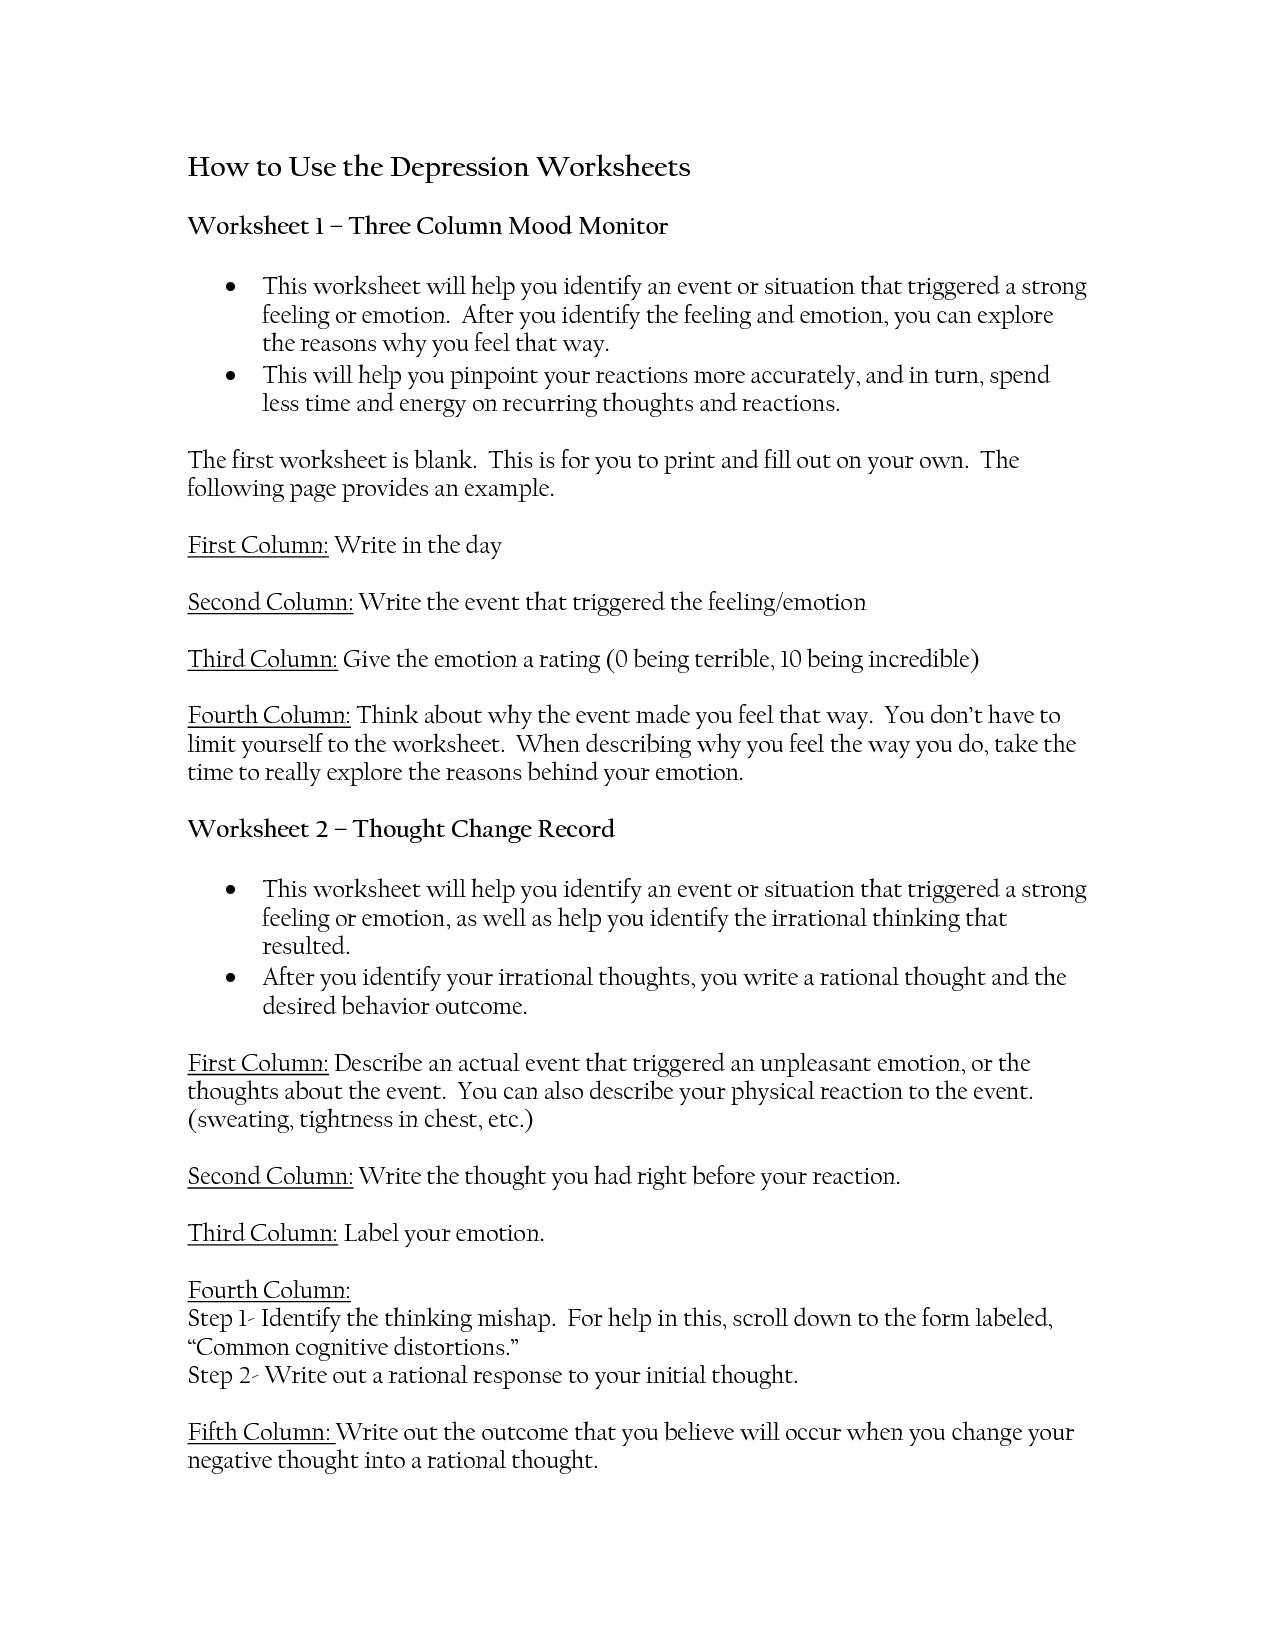 Cognitive & Behavioral Orientations Techniques